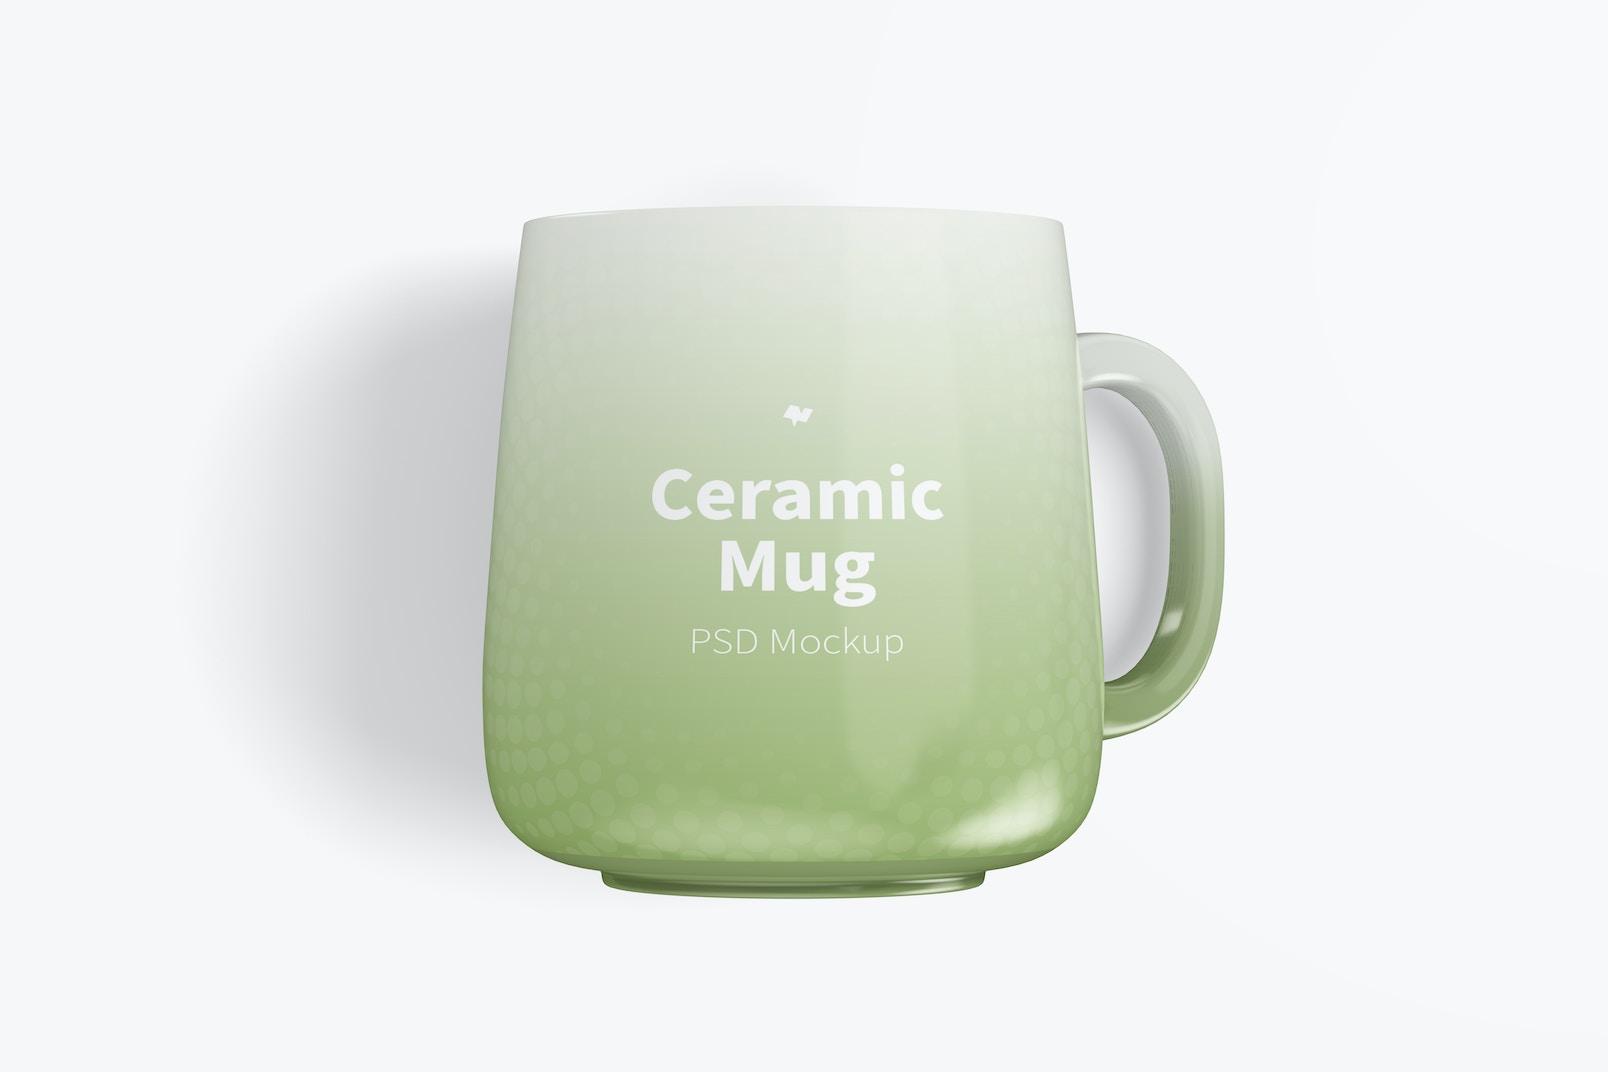 12.2 oz Ceramic Mug Mockup, Top View